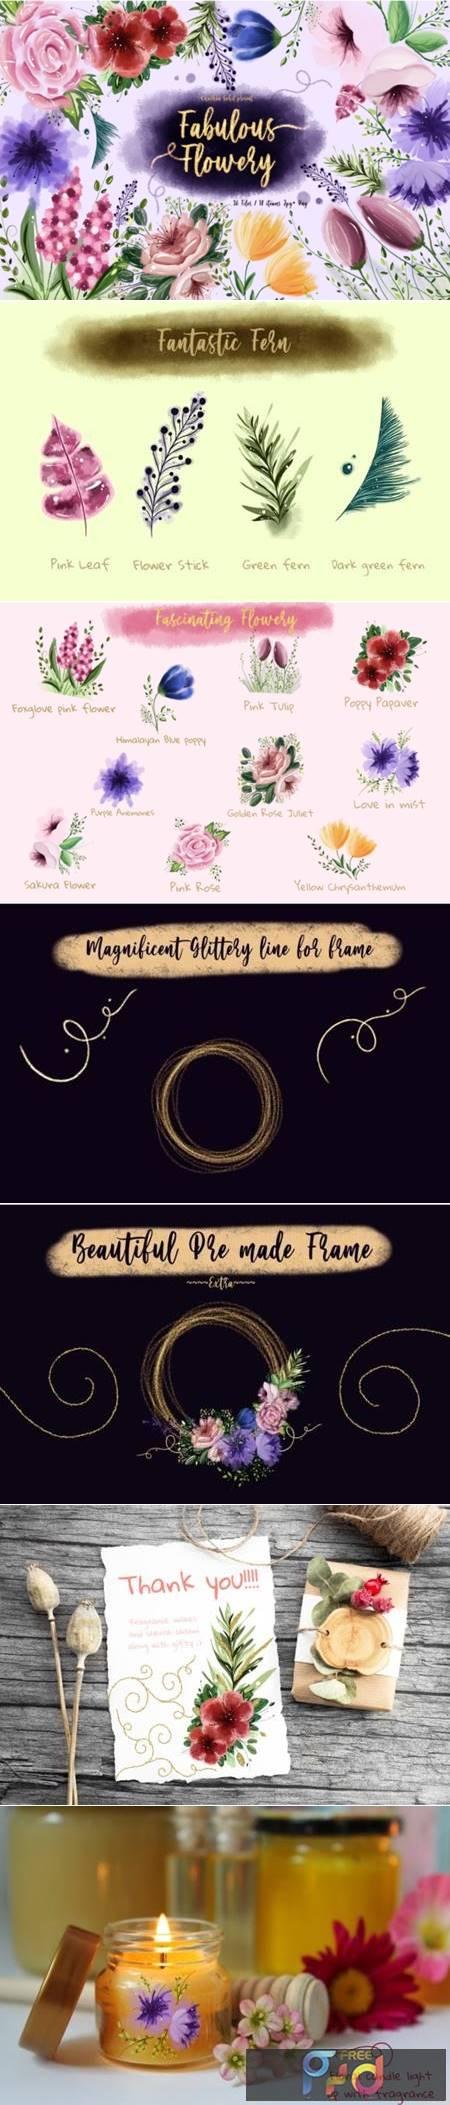 Fabulous Flowery 6764437 1